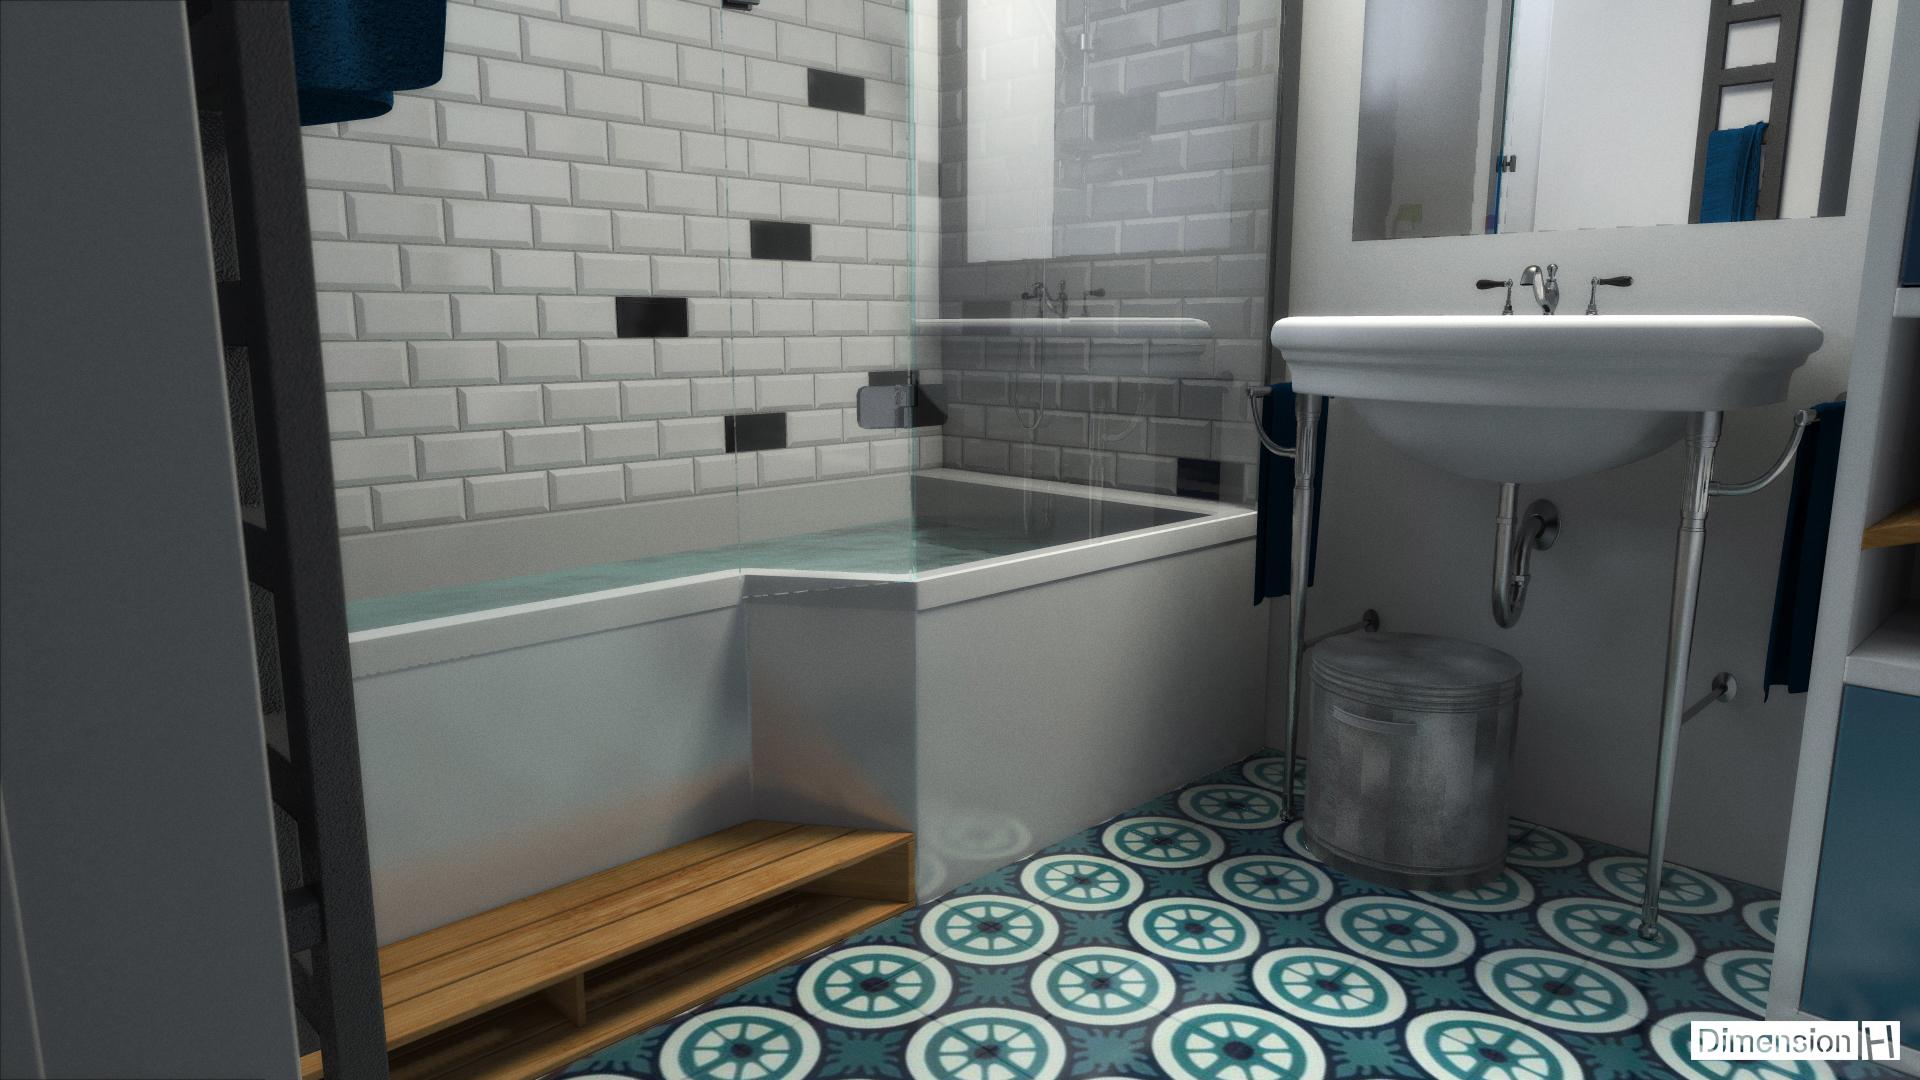 Dimension h salle de bains 4 m for Dimension salle de bain